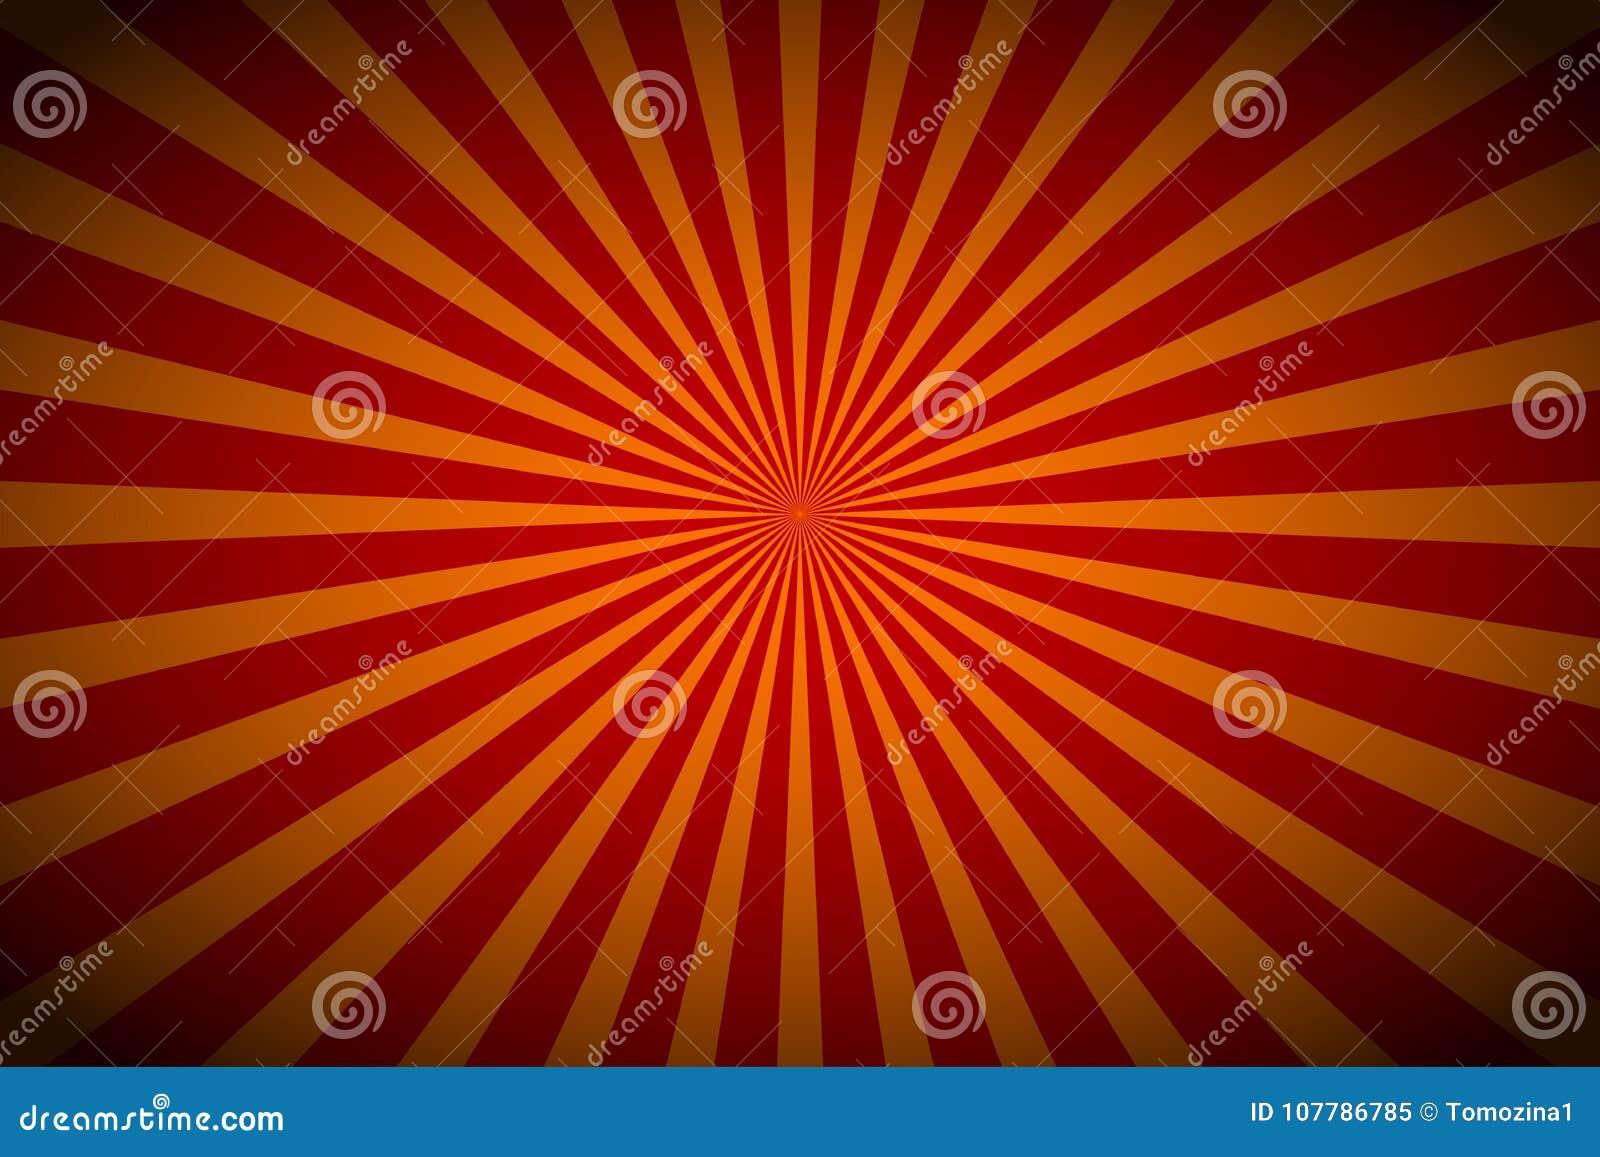 与减速火箭的光芒的背景